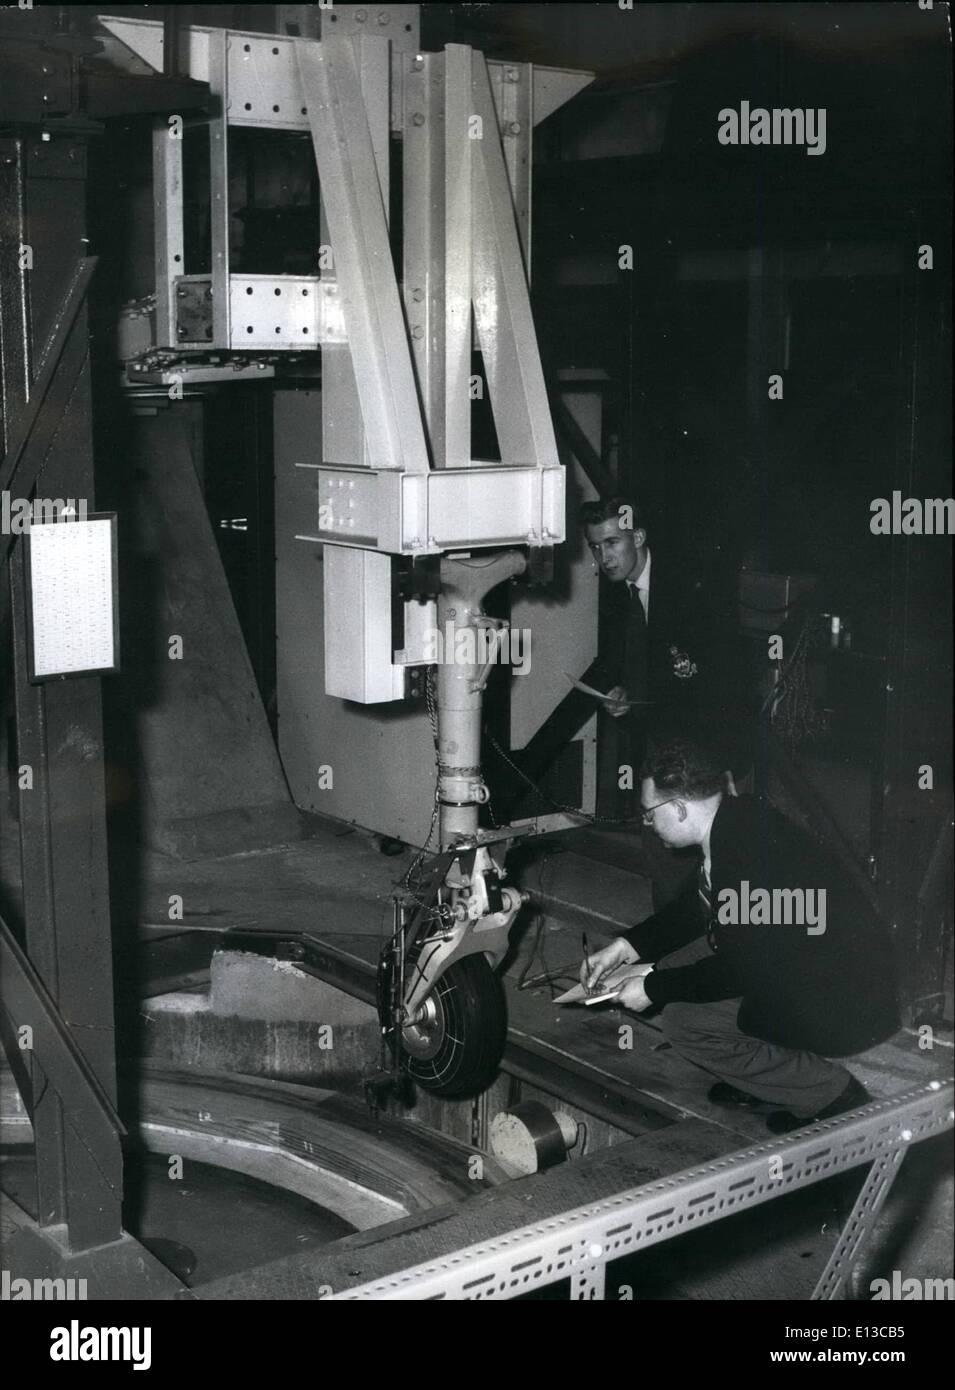 Febbraio 29, 2012 - studenti di ricevere istruzioni per la lavorazione di un carro prova di caduta di rig. Questo è per il Tet di vari Immagini Stock